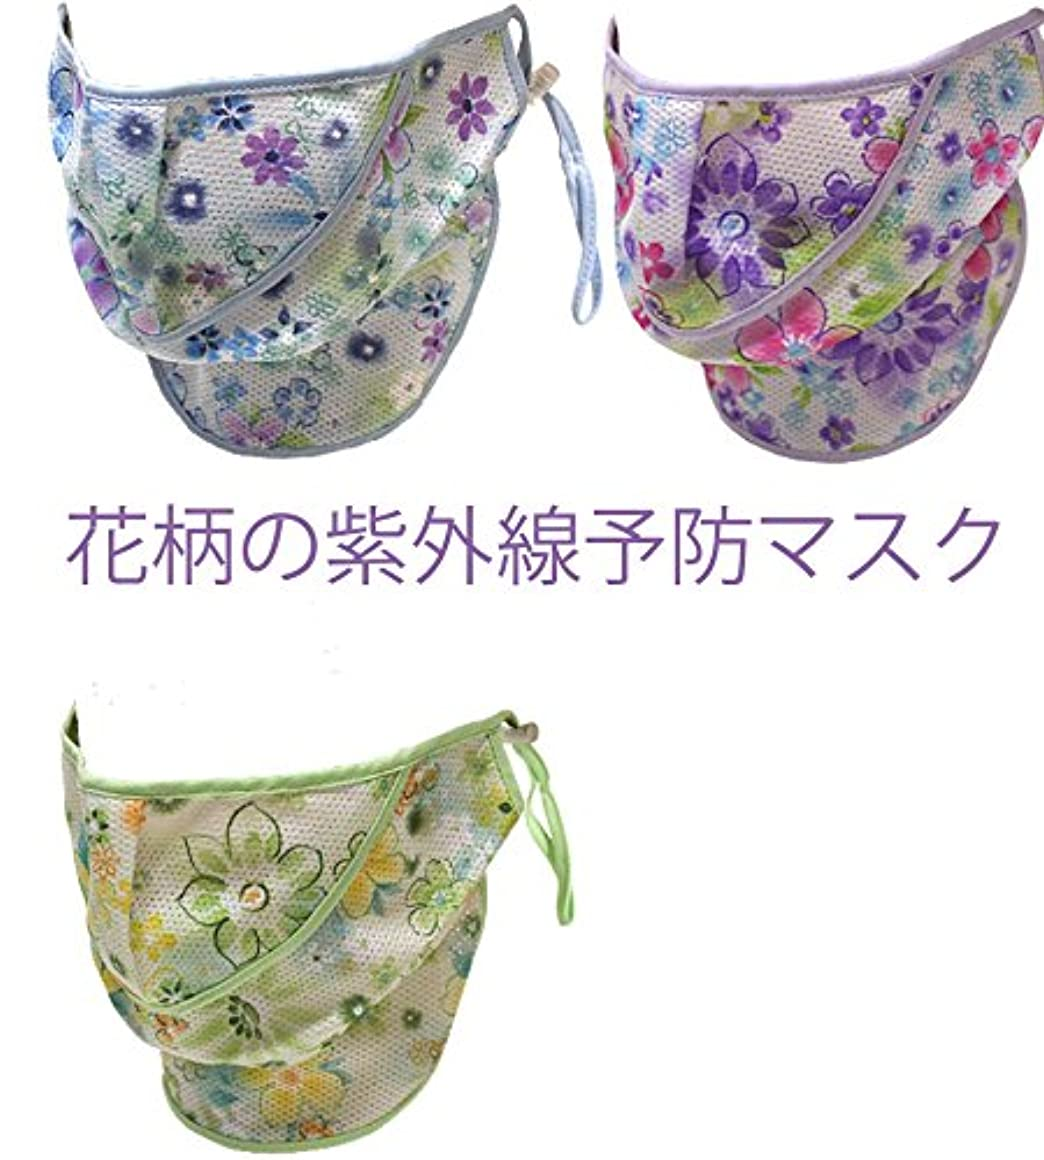 バラ色散髪お願いしますuvフェイスマスク,花柄の紫外線予防マスク、、緑色、、信頼できる韓国産